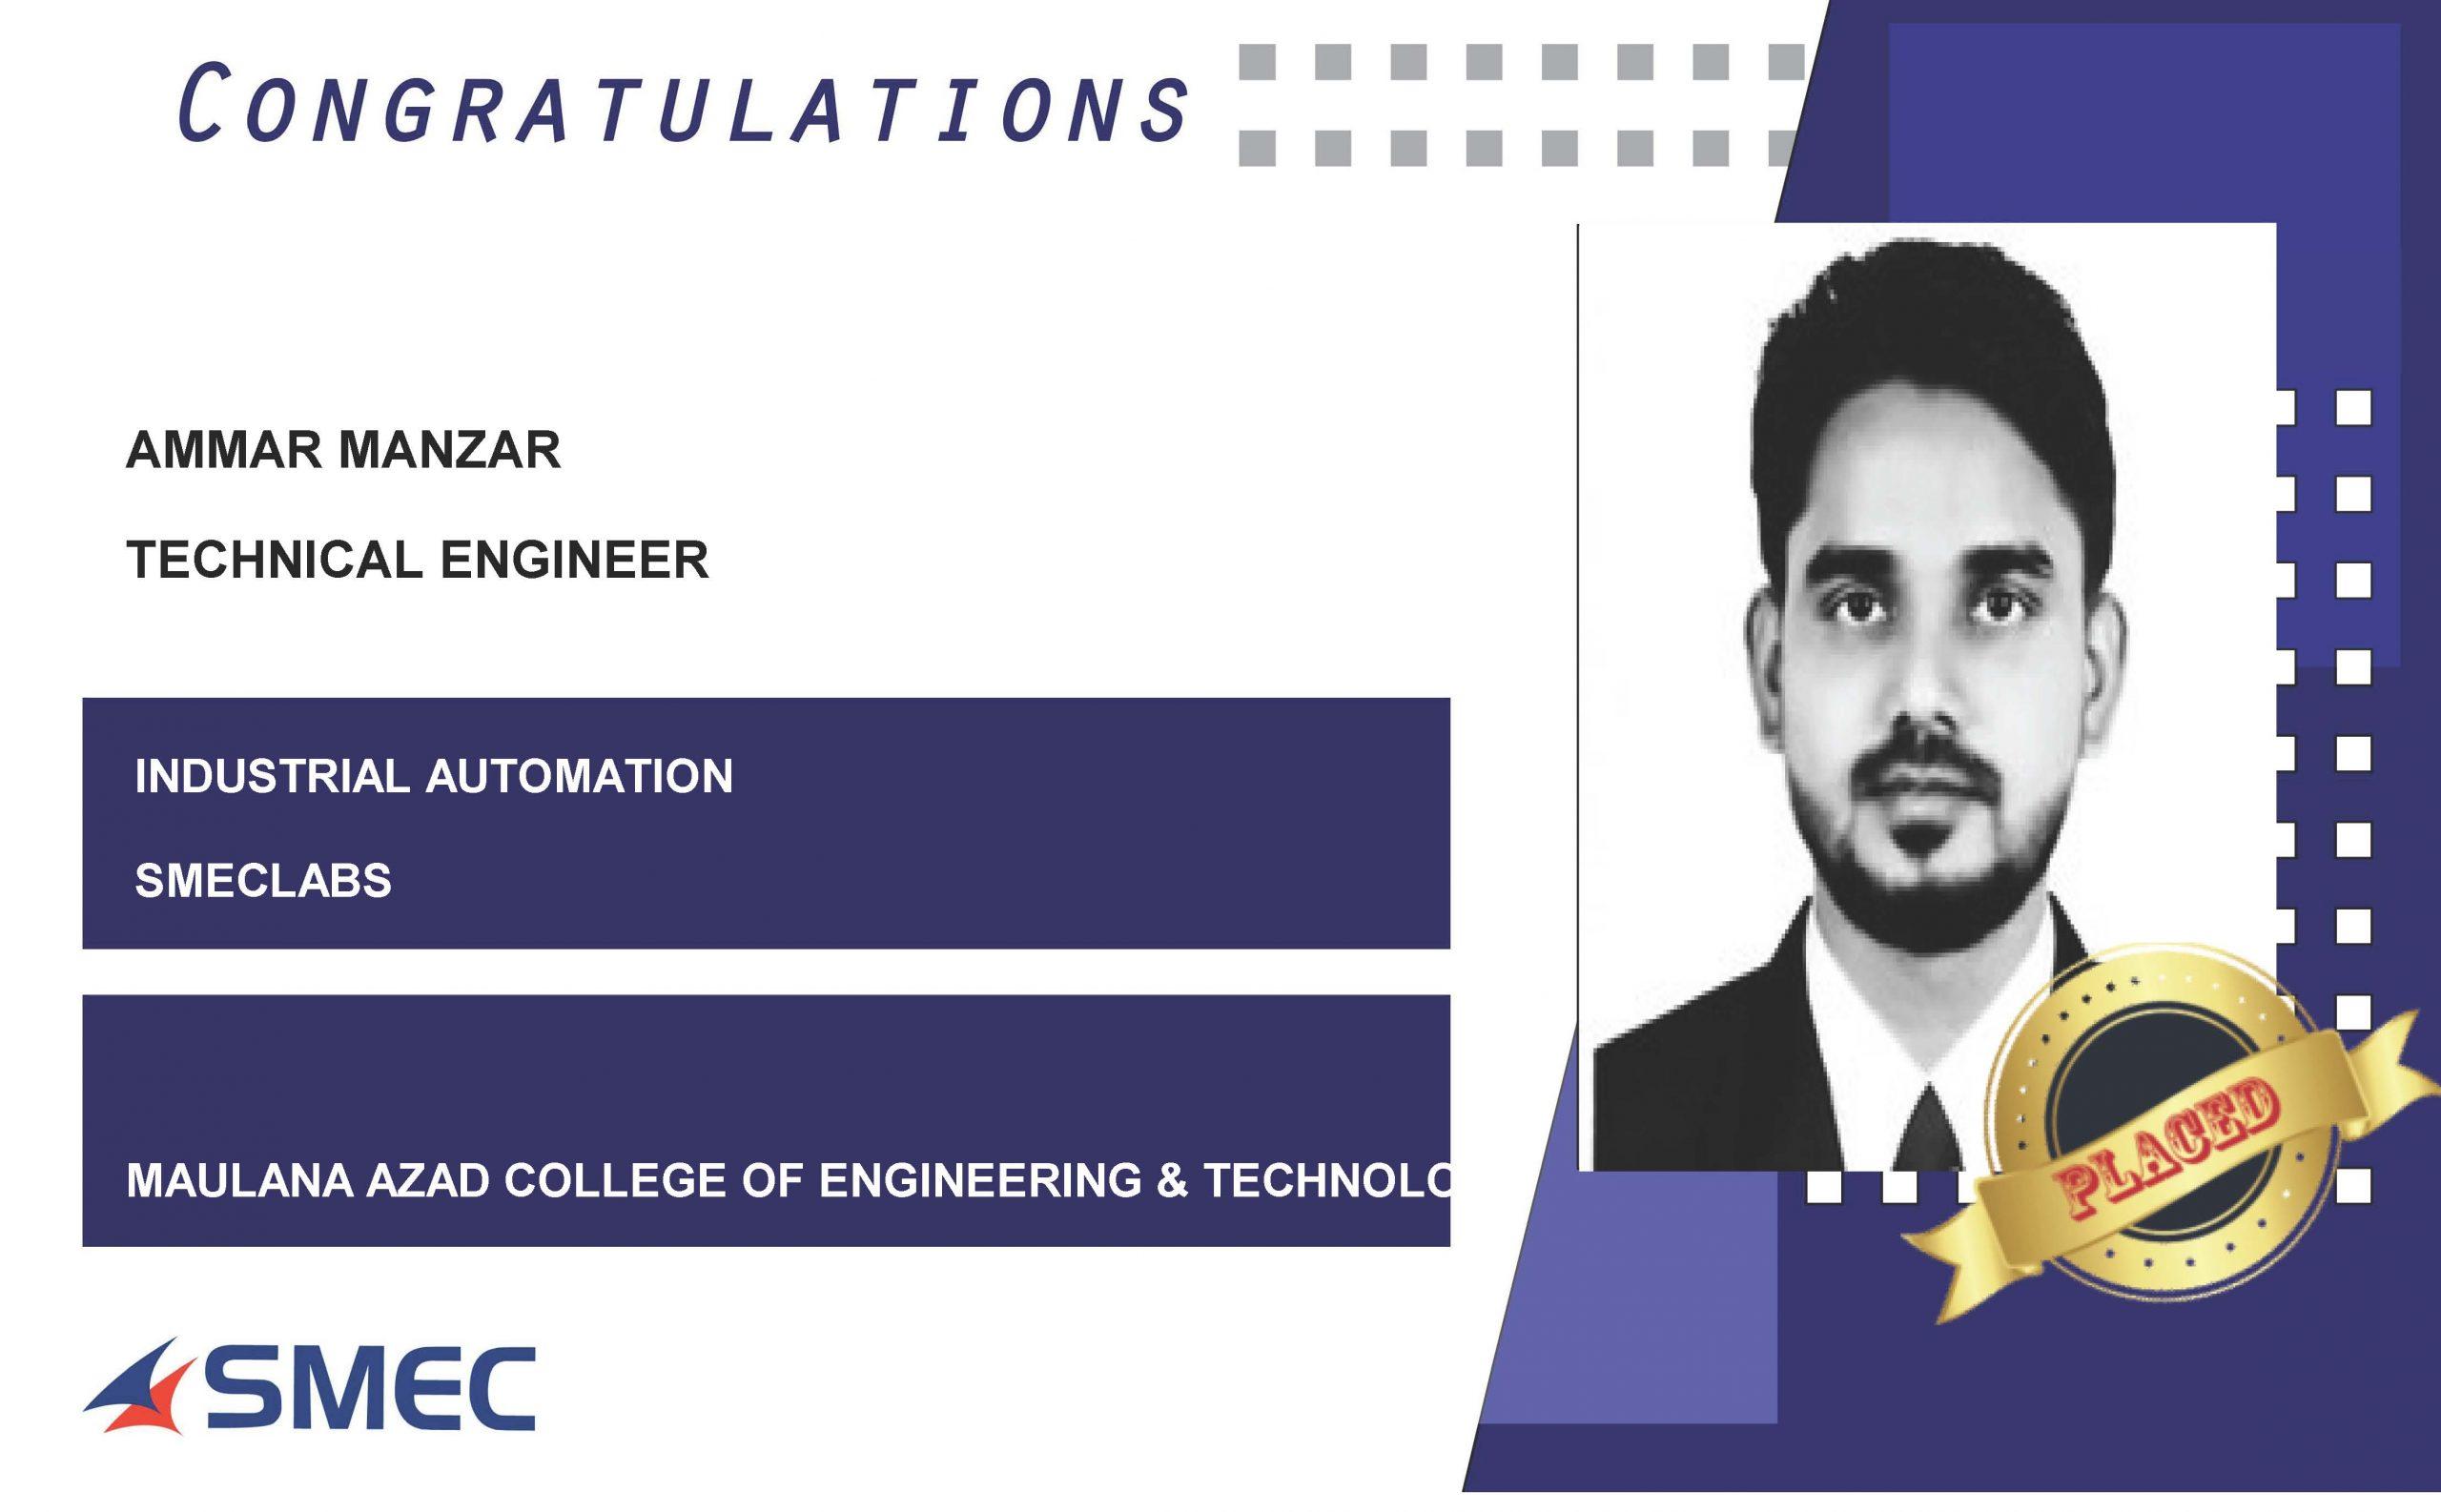 technical engineer-ammar manzar